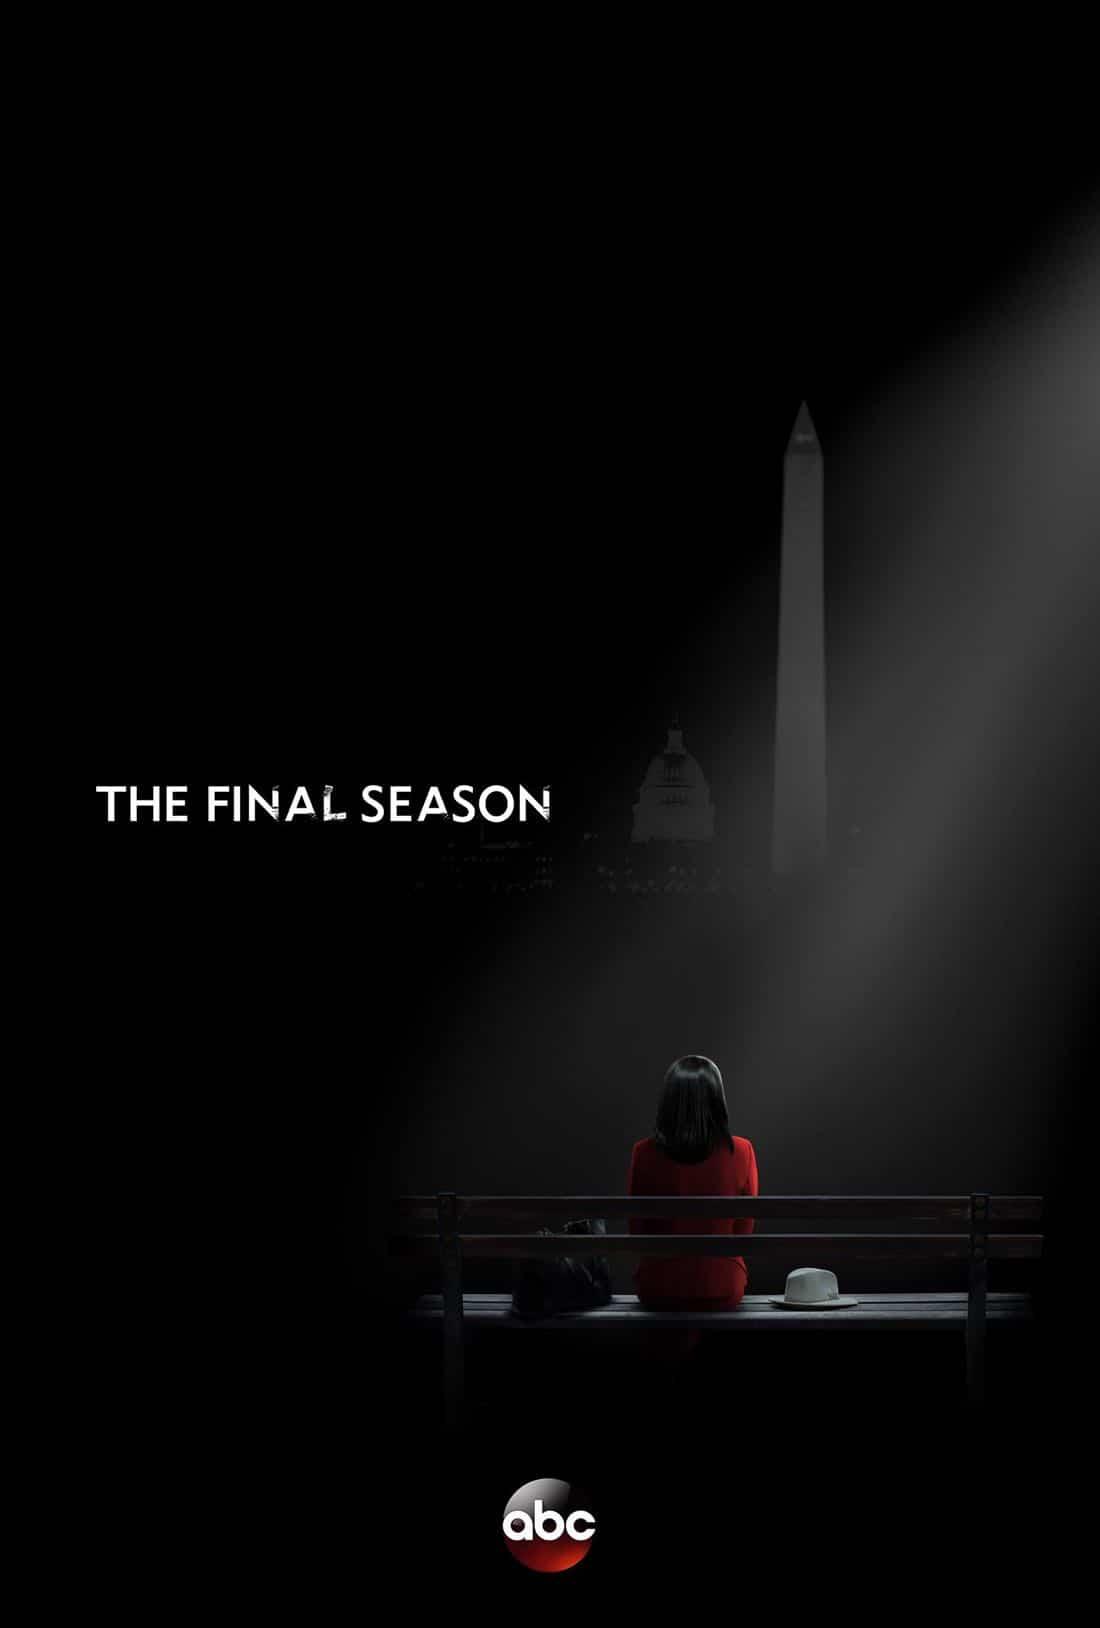 source: https://seat42f.com/scandal-final-season-poster.html